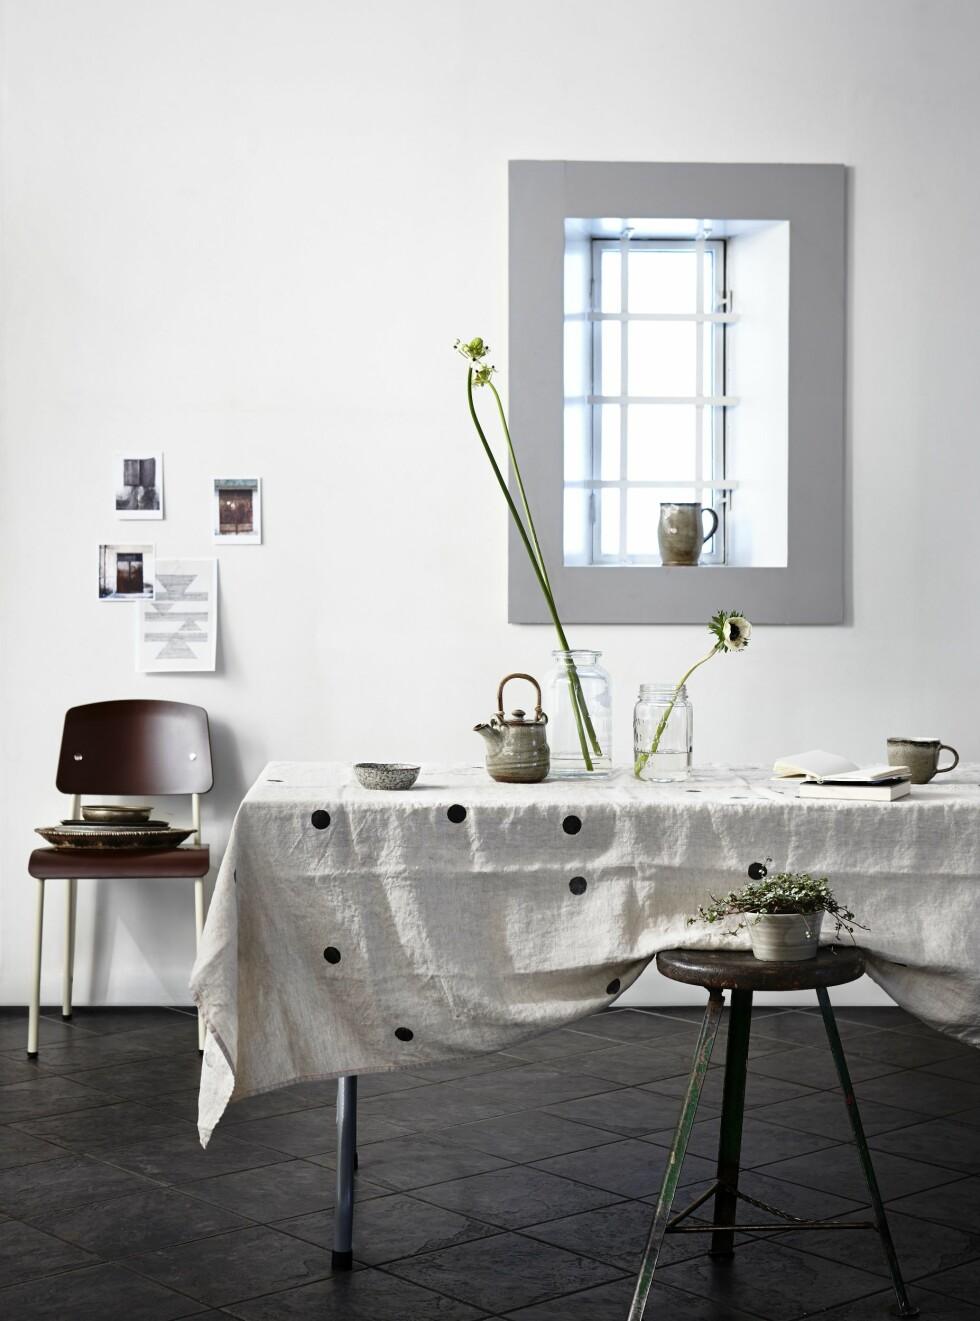 HELT ENKELT: En og en blomst i vaser kan bli utrolig kult!  Foto: Per Gunnarson